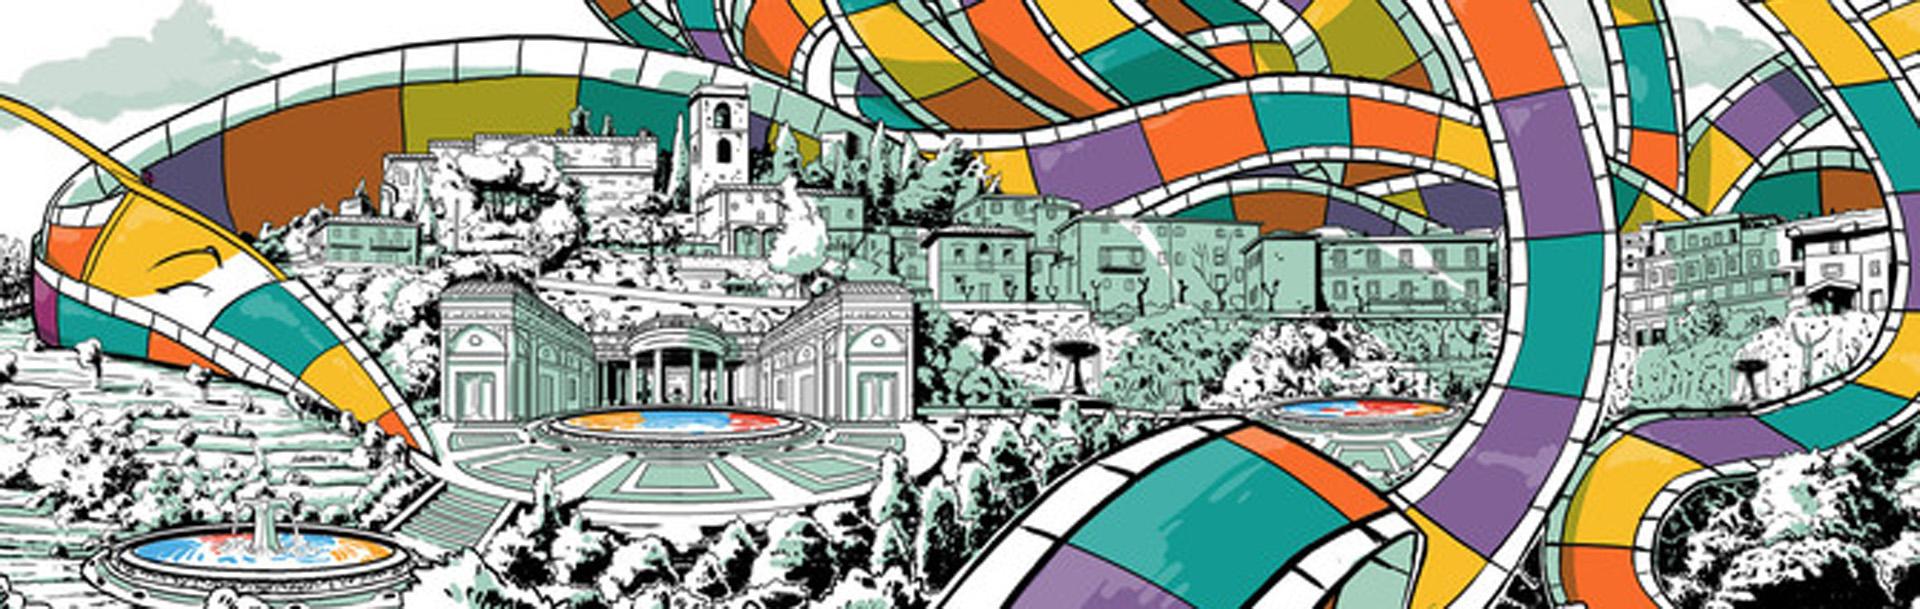 9580572819 MISFF, il Festival del corto di Montecatini alla 66esima edizione ...